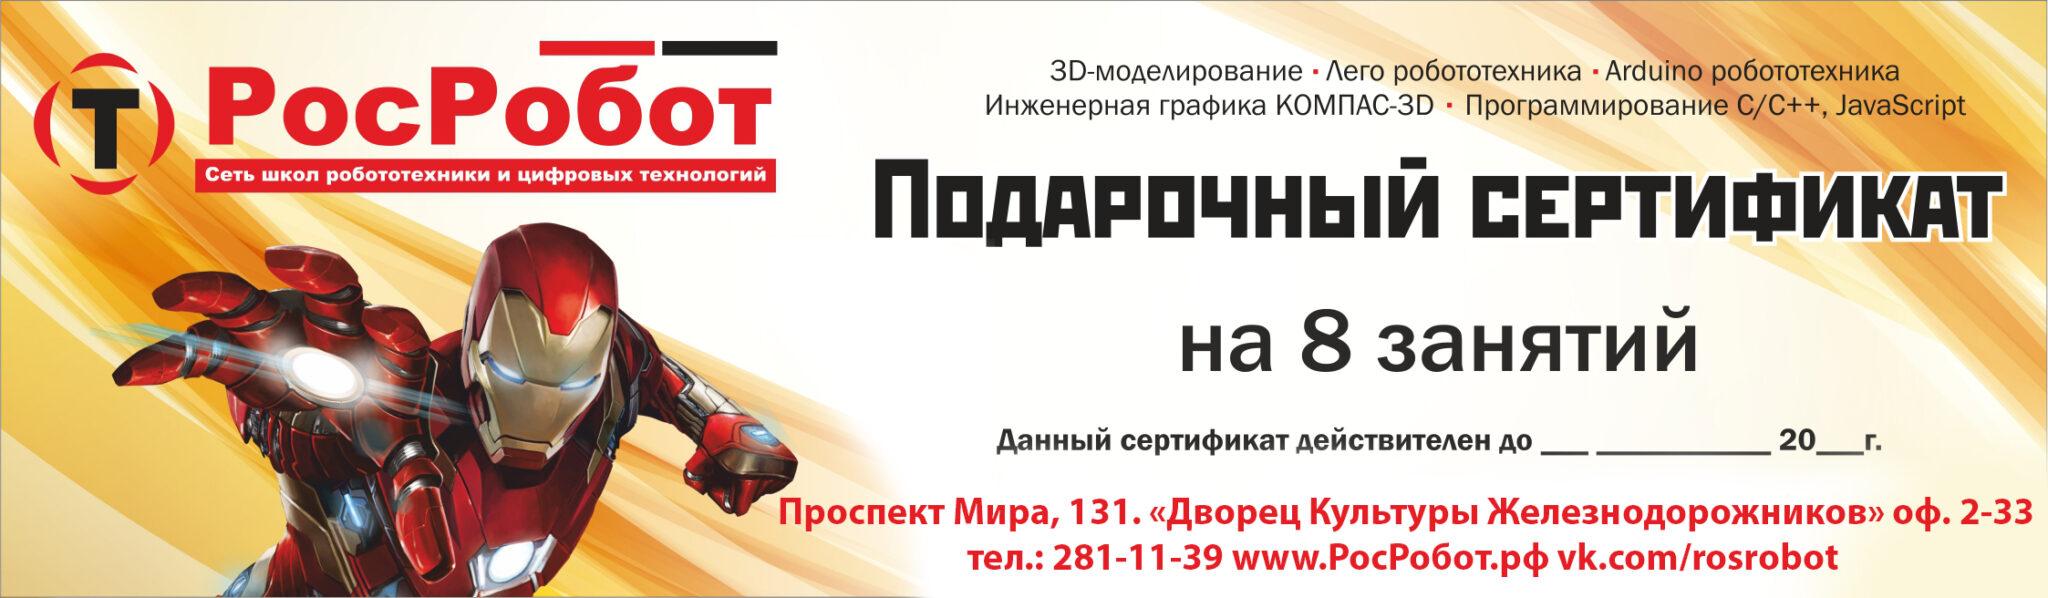 Сертификат РосРобот